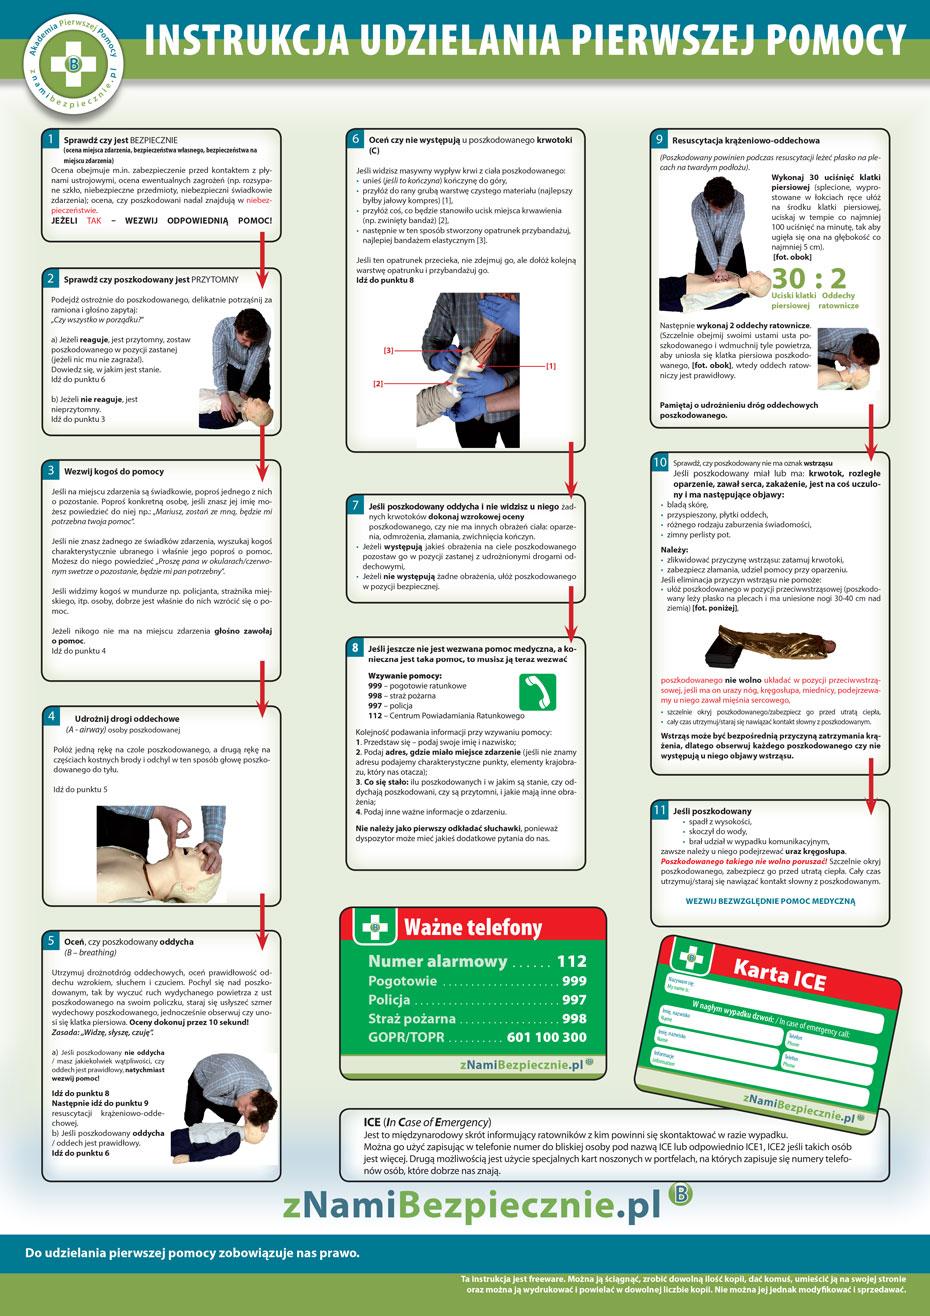 Pierwsza pomoc instrukcja na wypadek